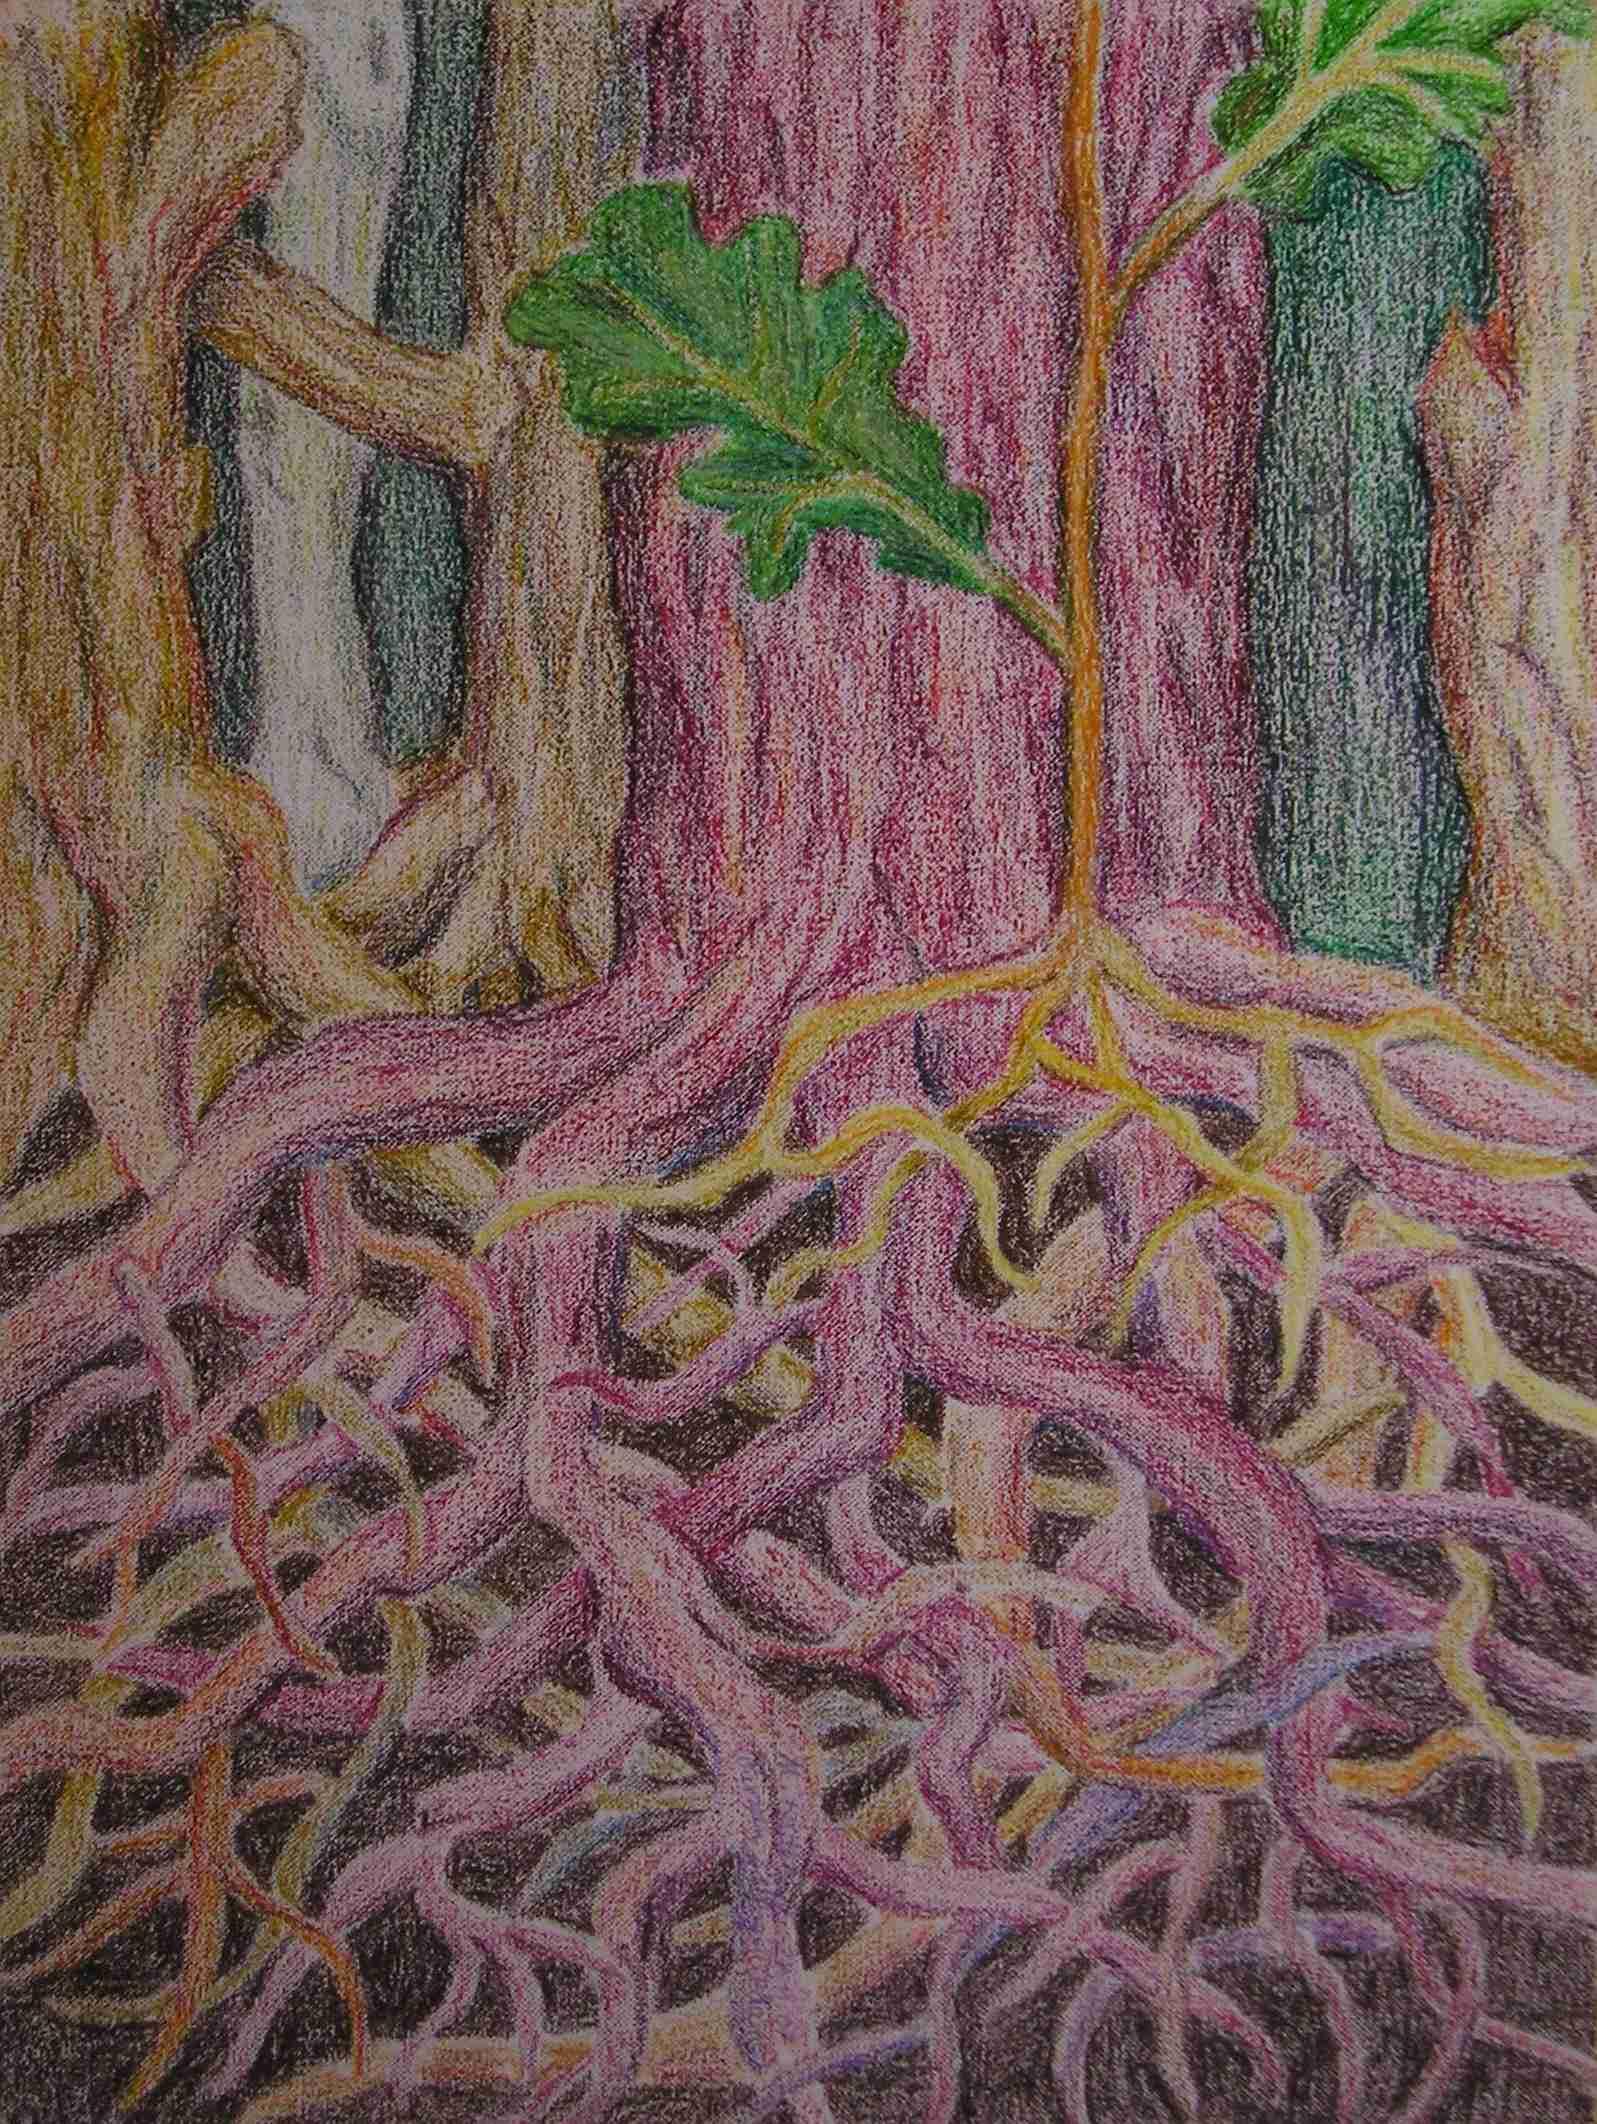 Wurzeln schlagen zwiebeln ölpastellkreide auf leinen